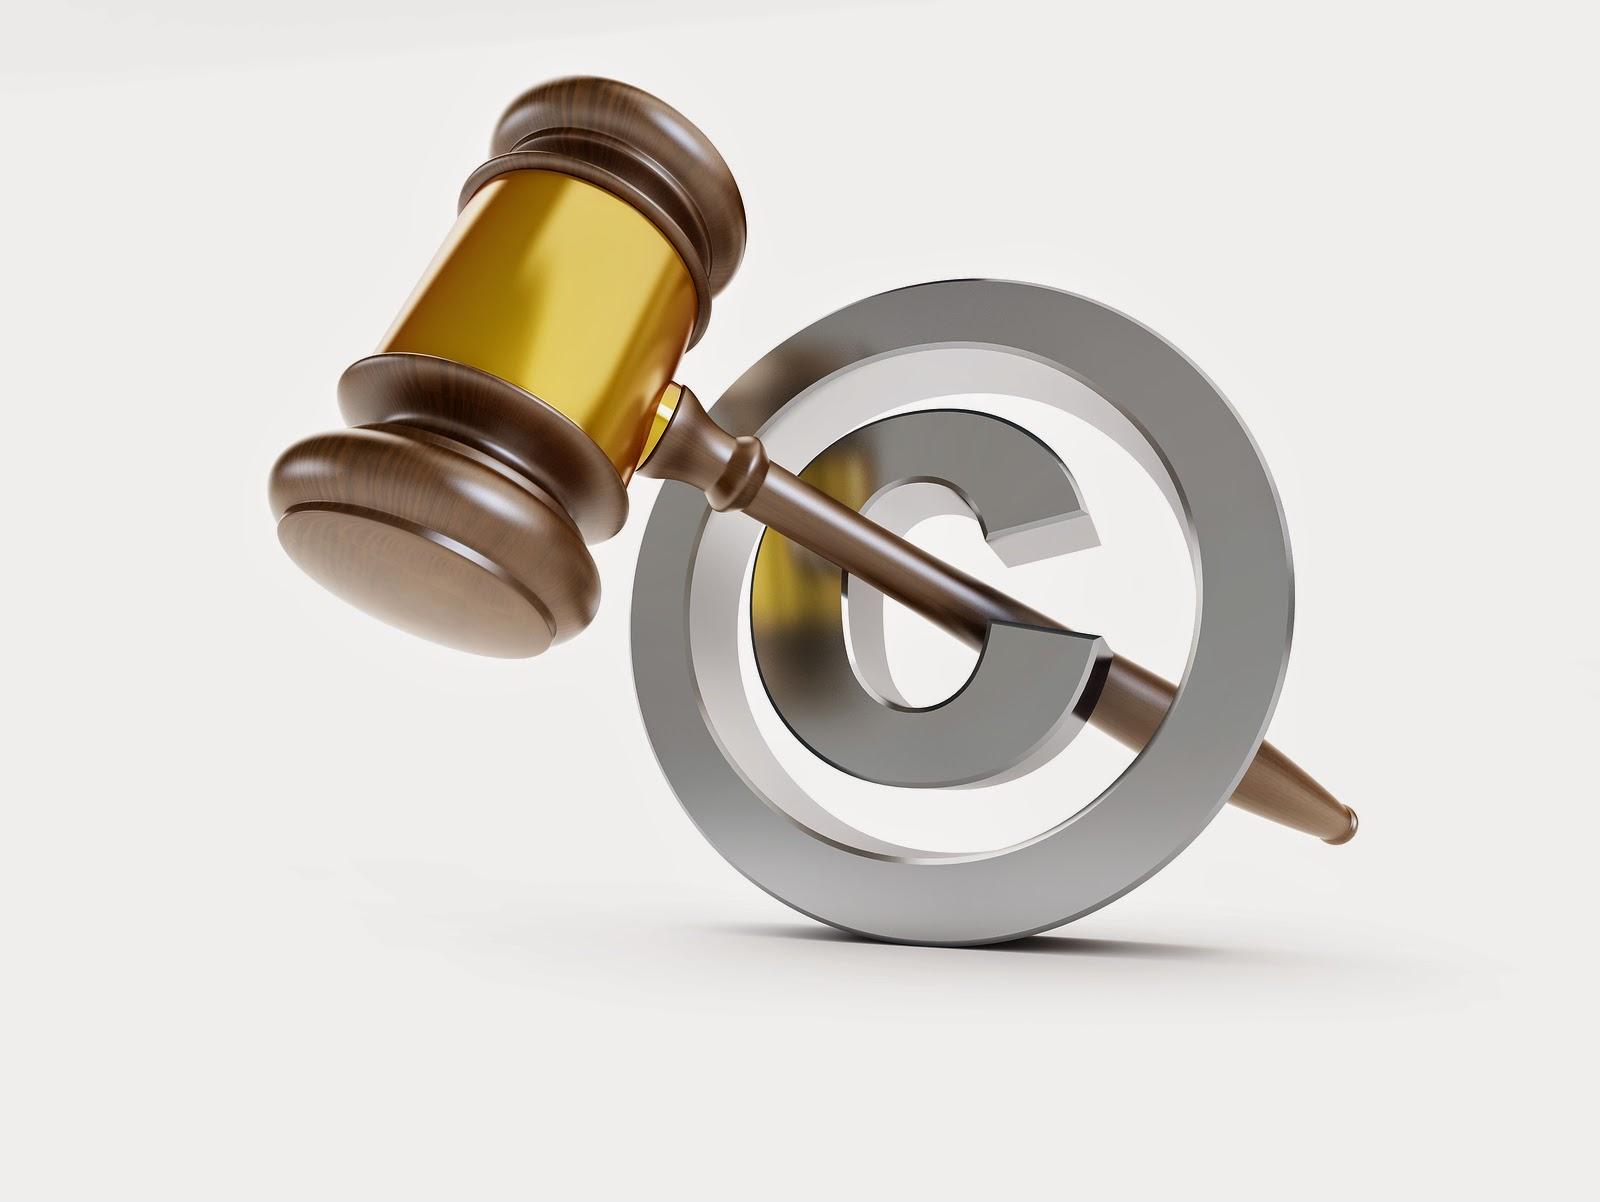 Dịch vụ đăng ký bản quyền tác giả tại Thanh Hóa.